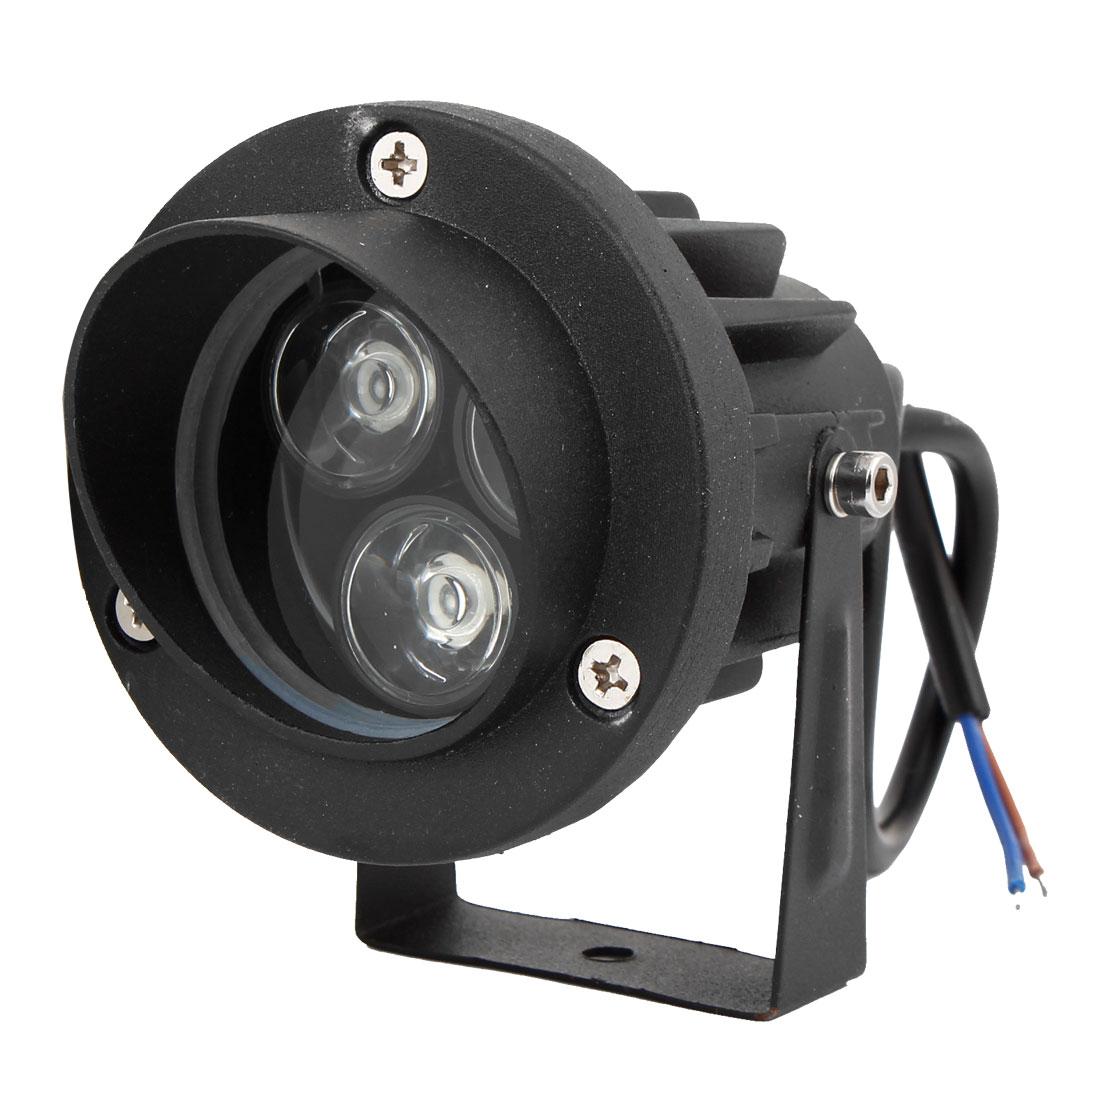 12V 6W 3x2W High Power White Light Aluminum Housing Garden Lawn Spotlight Lamp